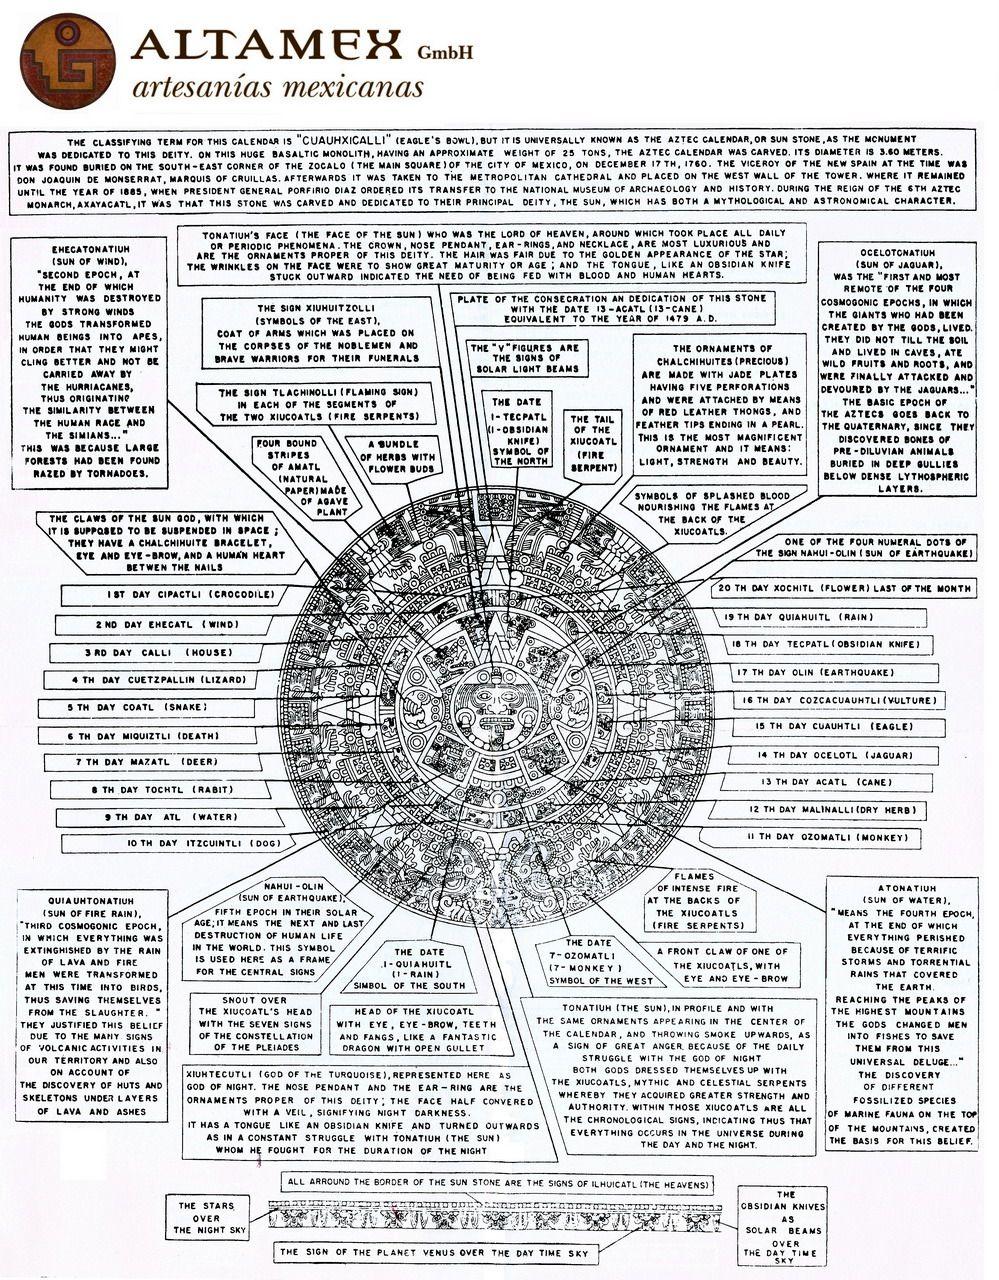 How To Read The Aztec Callender | Aztec Calendar, Mayan pertaining to How To Read Aztec Calendar